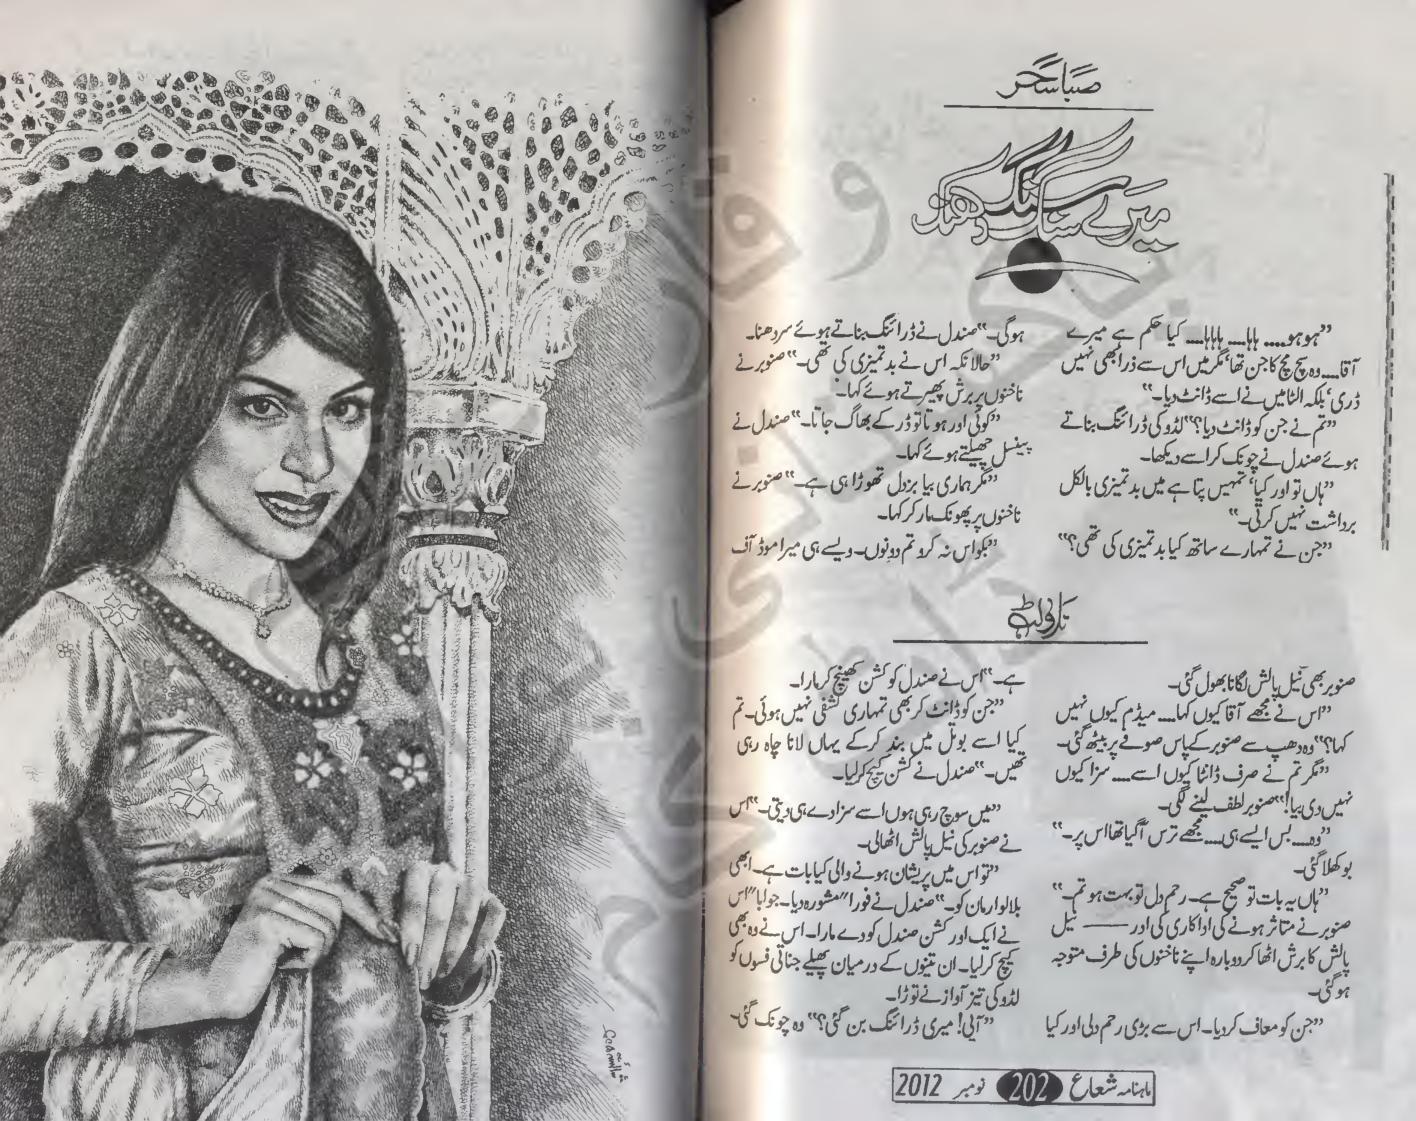 Kitab Dost Mere Humdam Mere Dost Novel By Iffat Sehar: Kitab Dost